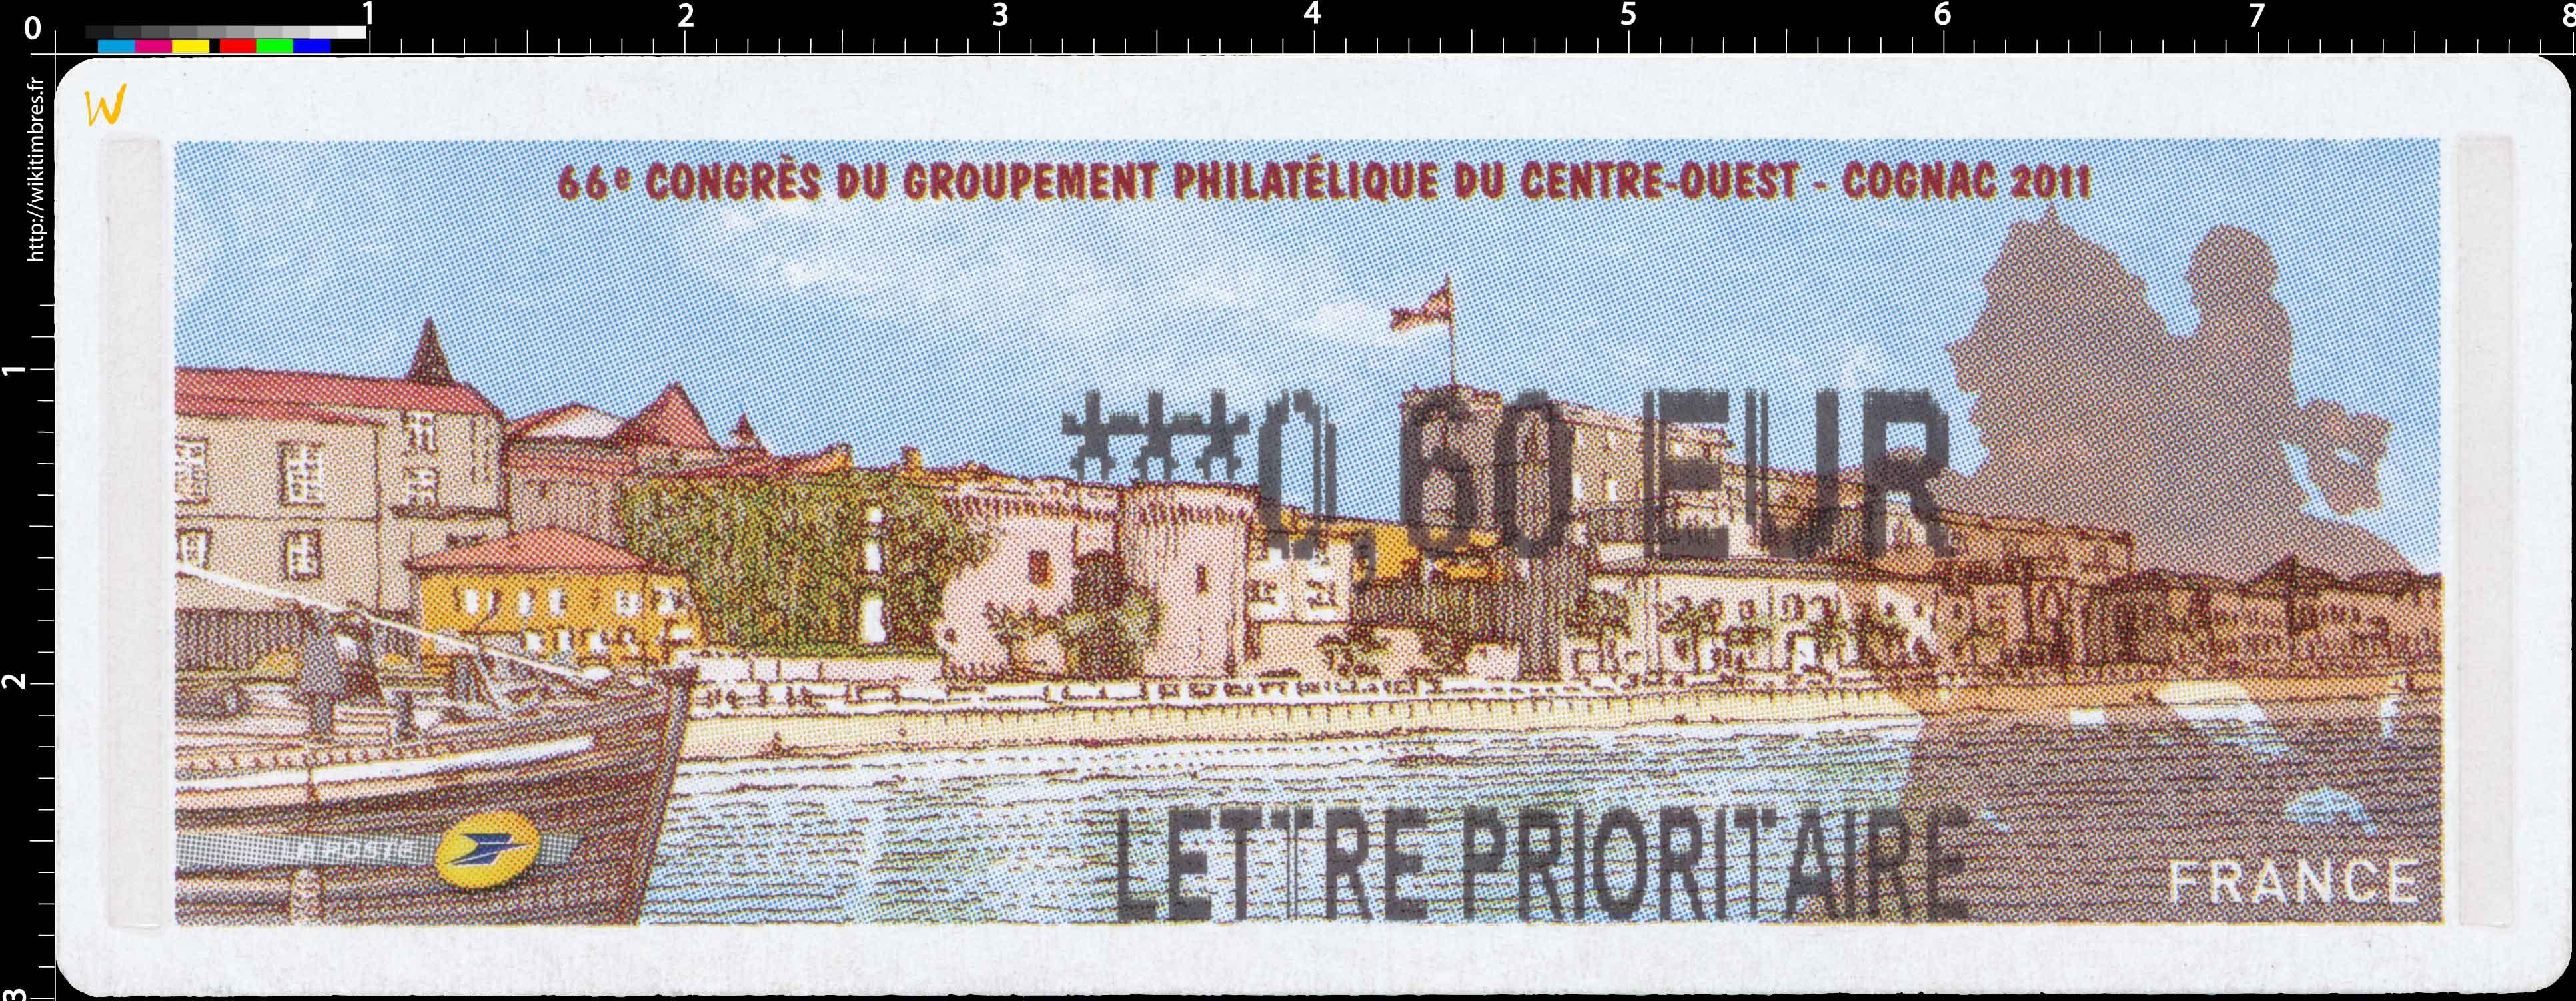 66e Congrès du groupement philatélique du centre-ouest - cognac 2011